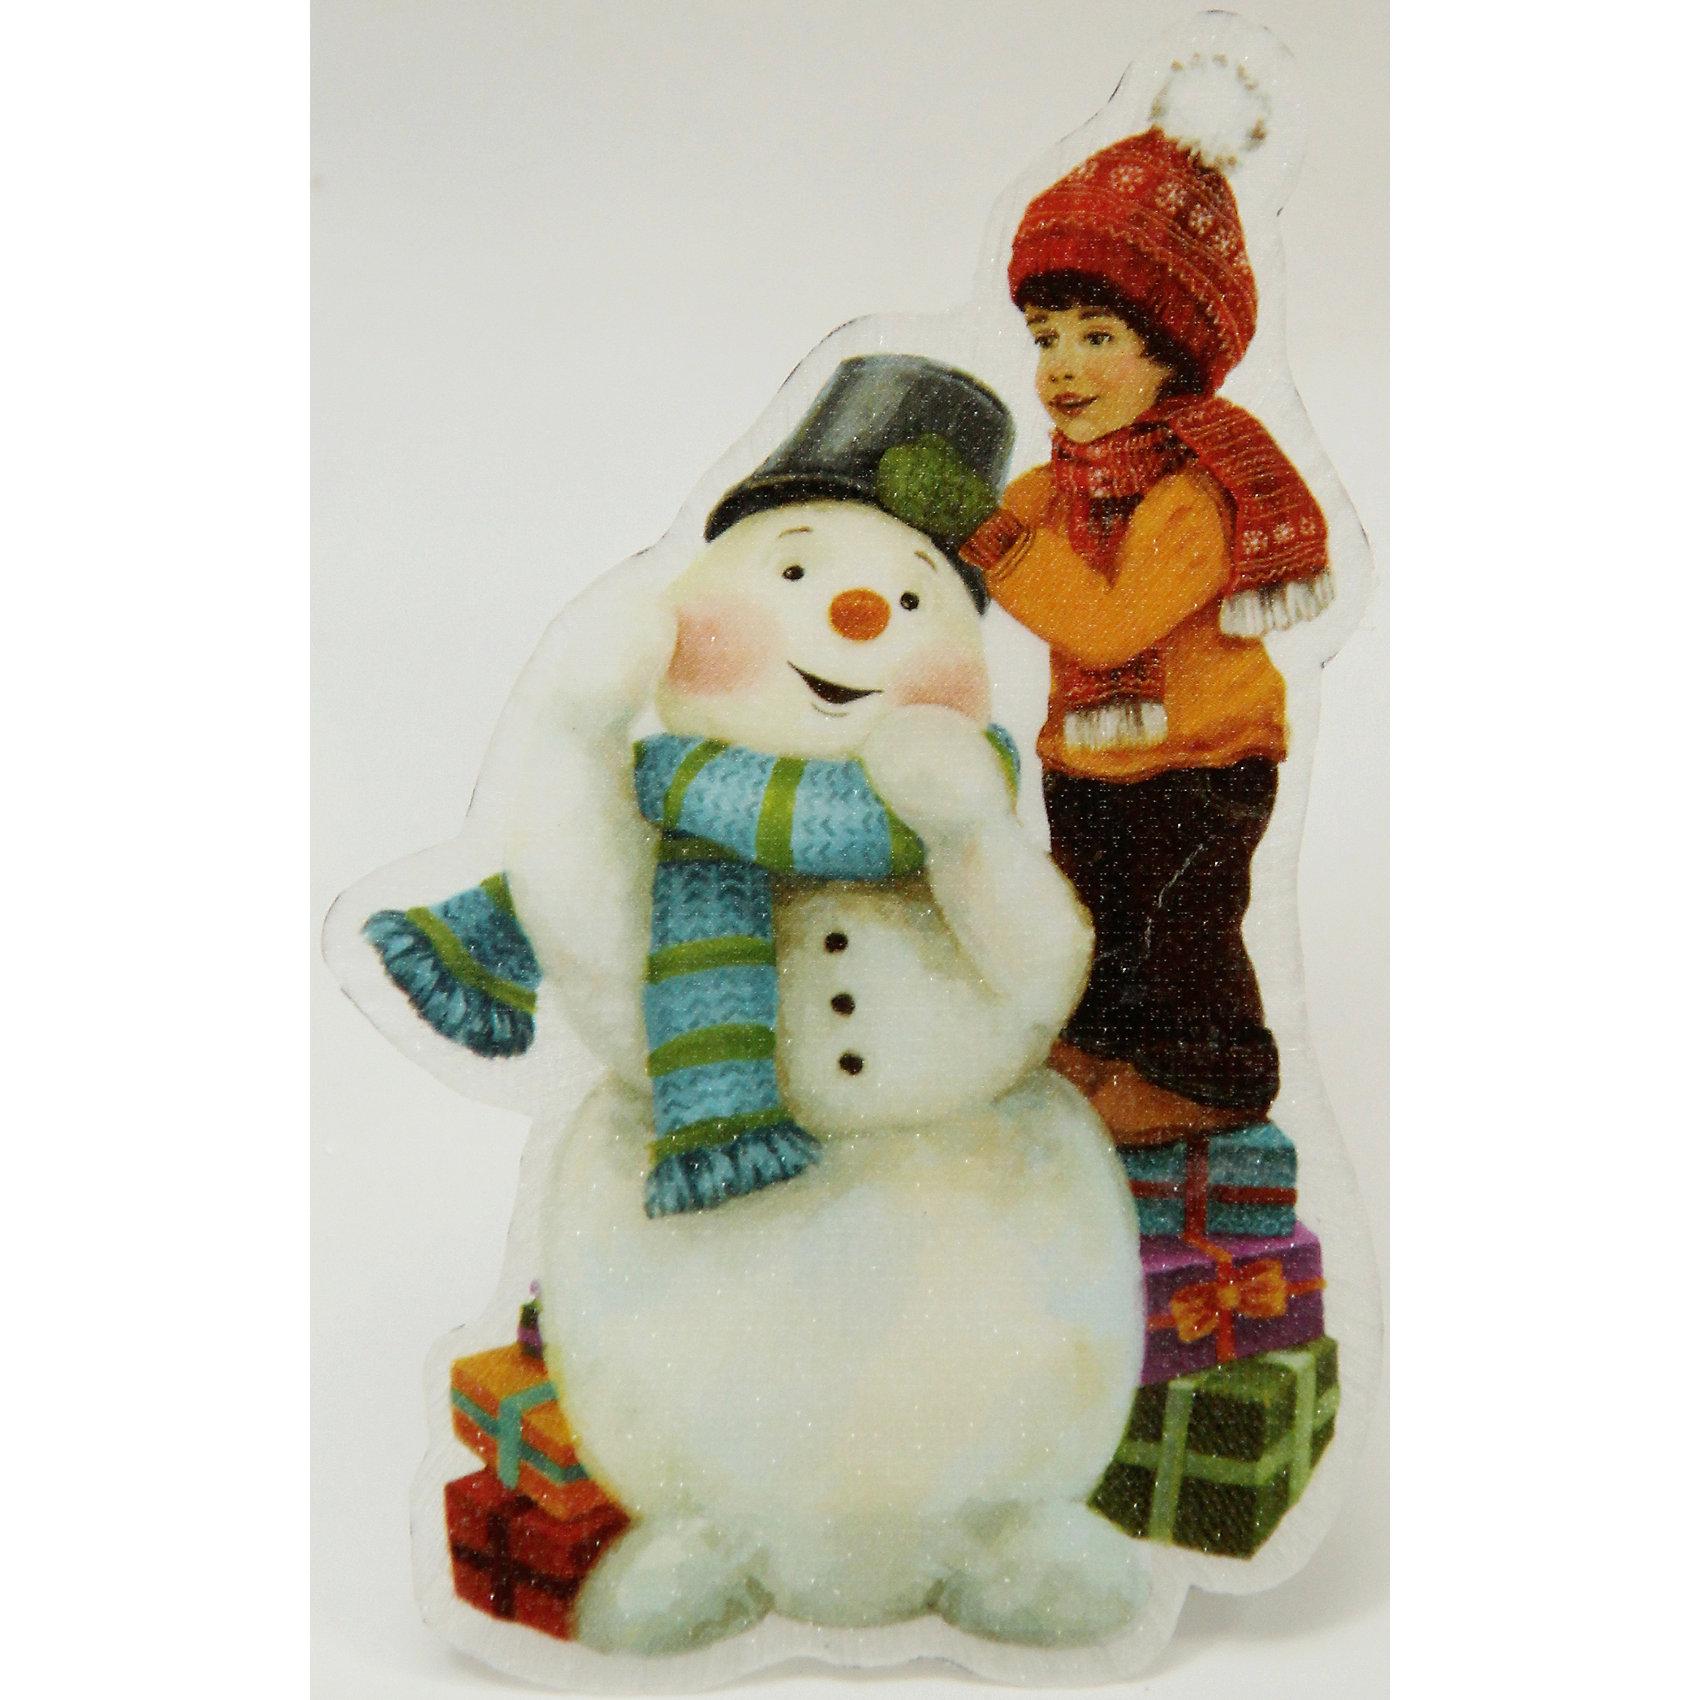 Украшение Снеговик и мальчик со светодиодной подсветкойВсё для праздника<br>Сверкающие и светящиеся украшения - обязательный атрибут Нового года! Особое время - сам праздник и предновогодние хлопоты - ждут не только дети, но и взрослые! Праздничное настроение создает в первую очередь украшенный дом и наряженная ёлка. <br>Эта фигурка идет в комплекте с элементом питания, который помогает создавать для неё праздничную подсветку. Изделие произведено из безопасного для детей, прочного, но легкого, материала. Создайте с ним праздничное настроение себе и близким!<br><br>Дополнительная информация:<br><br>цвет: разноцветный;<br>материал: ПВХ;<br>элемент питания: CR2032;<br>мощность 0,06 Вт, напряжение 3 В;<br>размер: 12 x 8 x 3 см.<br><br>Украшение Снеговик и мальчик со светодиодной подсветкой можно купить в нашем магазине.<br><br>Ширина мм: 150<br>Глубина мм: 150<br>Высота мм: 60<br>Вес г: 28<br>Возраст от месяцев: 36<br>Возраст до месяцев: 2147483647<br>Пол: Унисекс<br>Возраст: Детский<br>SKU: 4981667